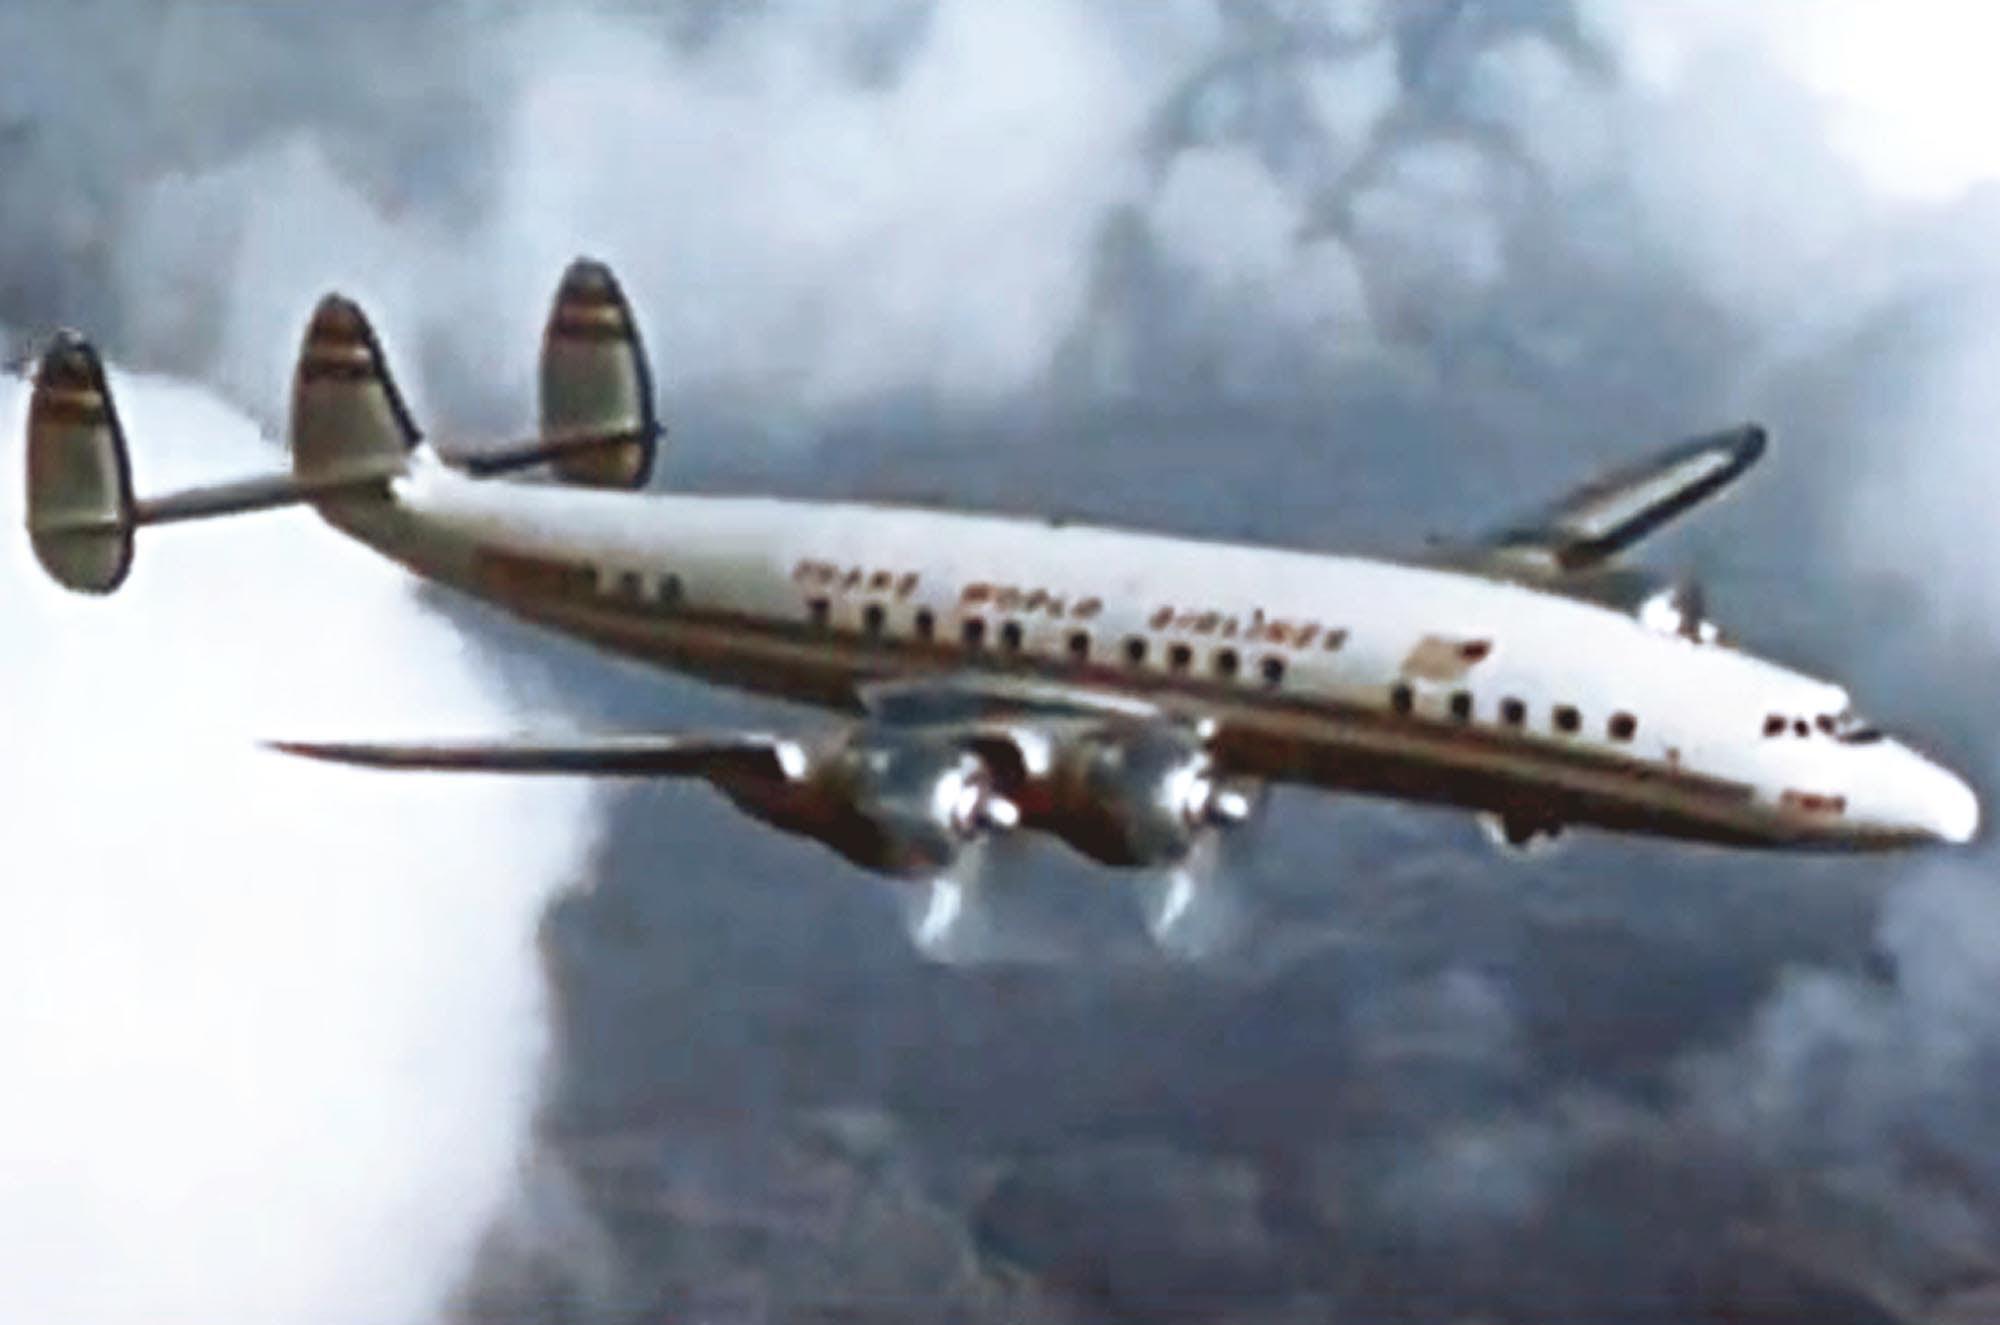 Nagyot robbantott a Lufthansa. Éves 130 % hozam euró nyereség, ez nem kis  teljesítmény.